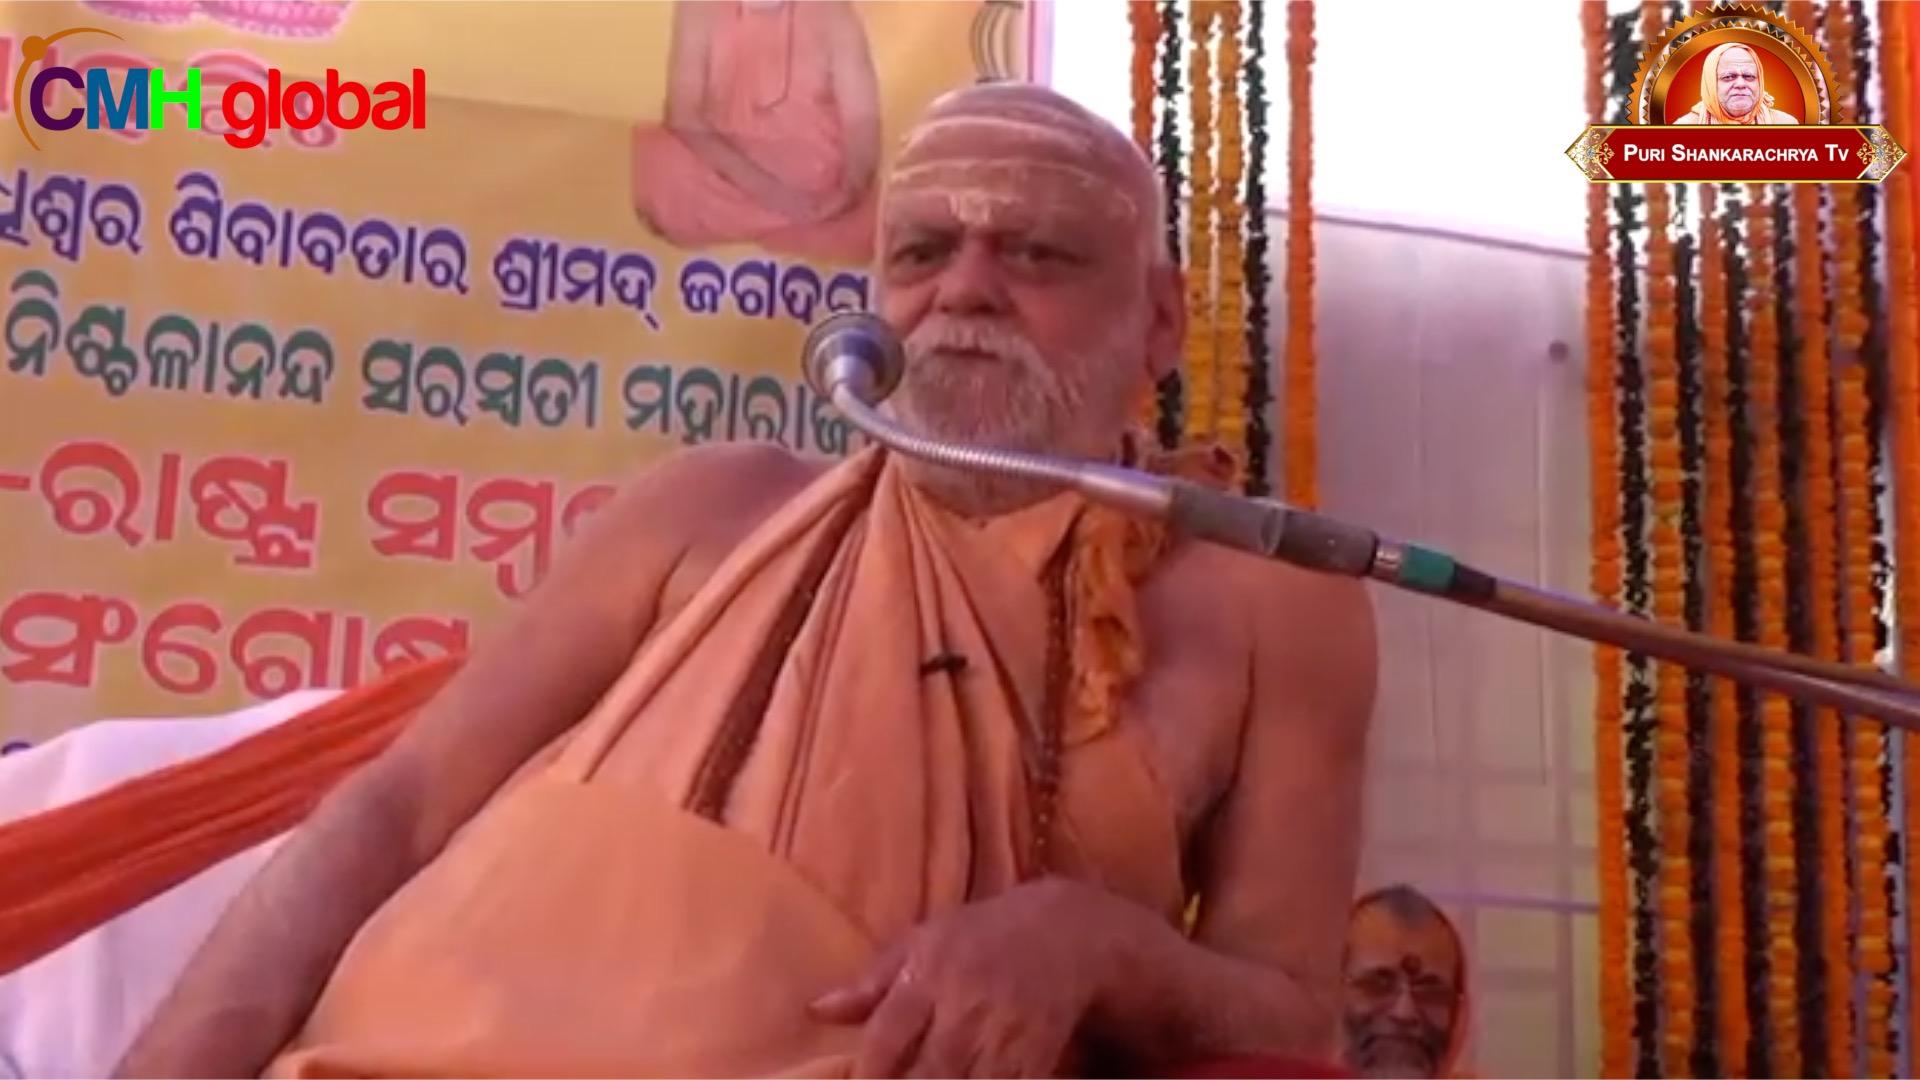 Gyan Dhara Ep -20 by Puri Shankaracharya Swami Nishchalananda Saraswati Ji